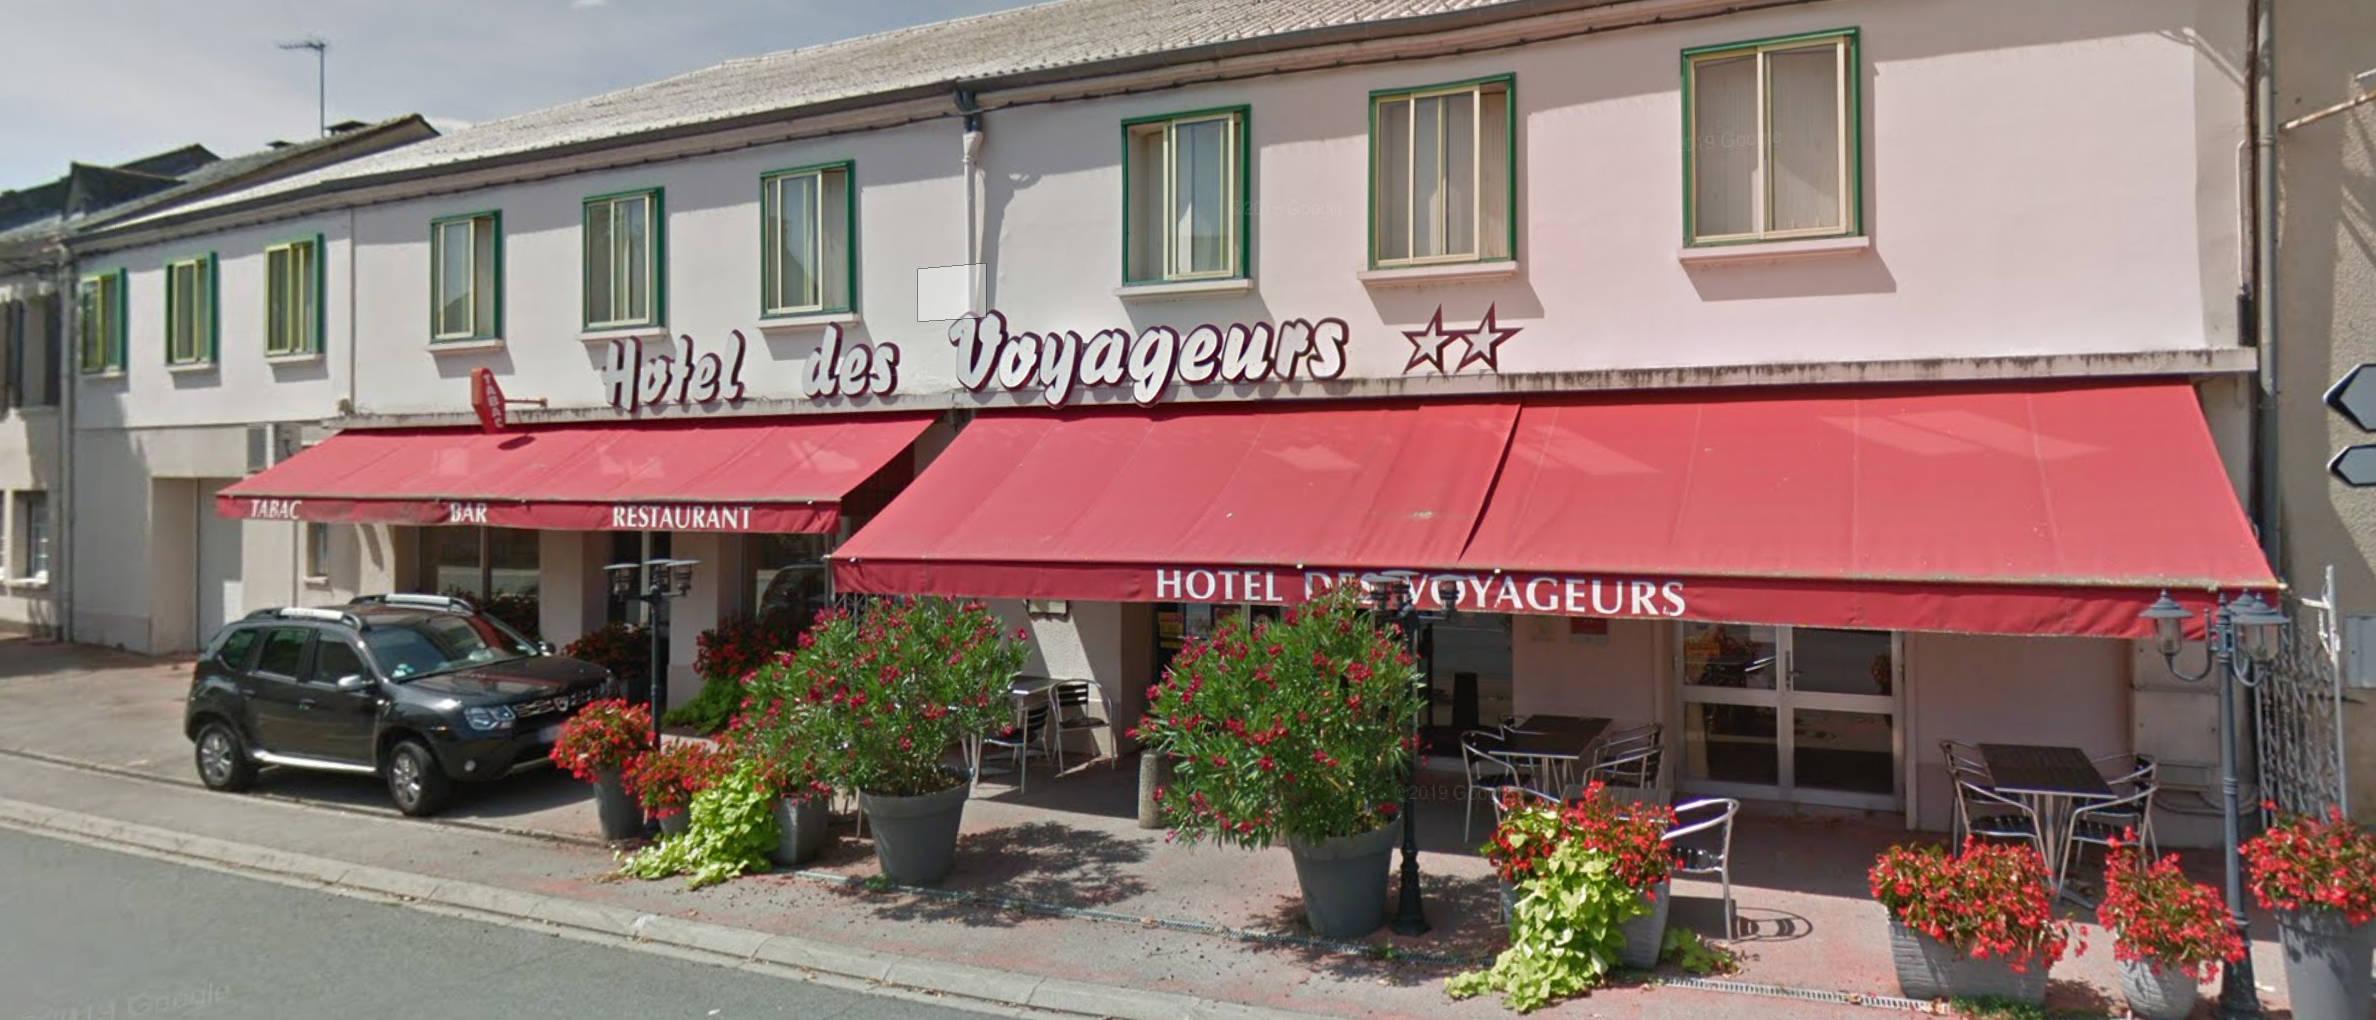 Le restaurant de l'hôtel des voyageurs